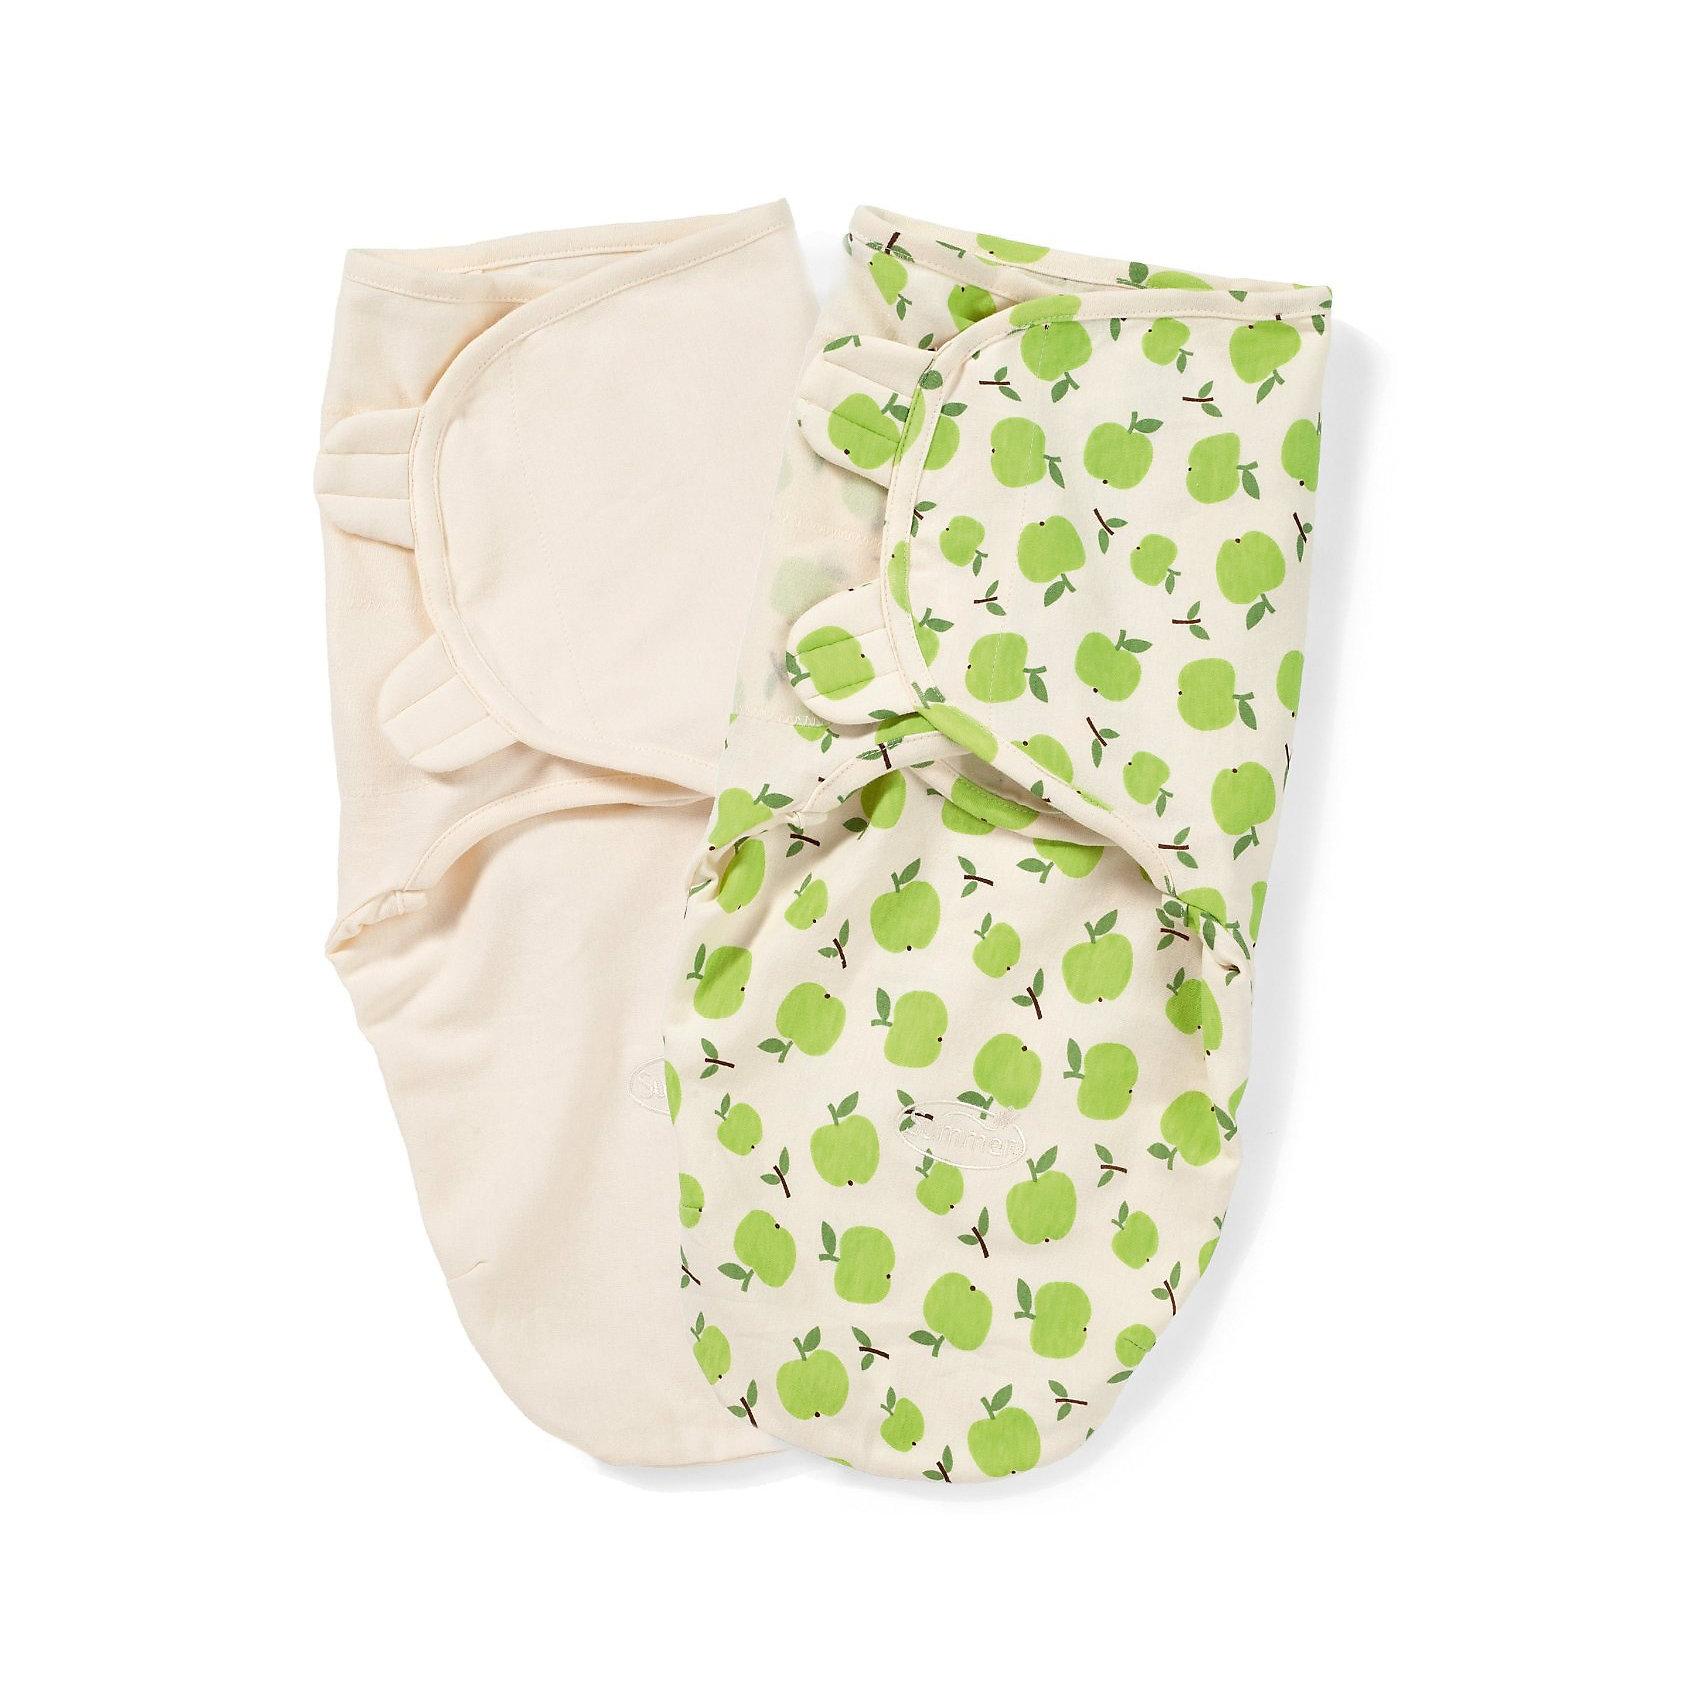 Summer Infant Конверт на липучке SwaddleMe Organic®, размер S/M, (2 шт), , Summer Infant, зеленый/яблоки цена и фото